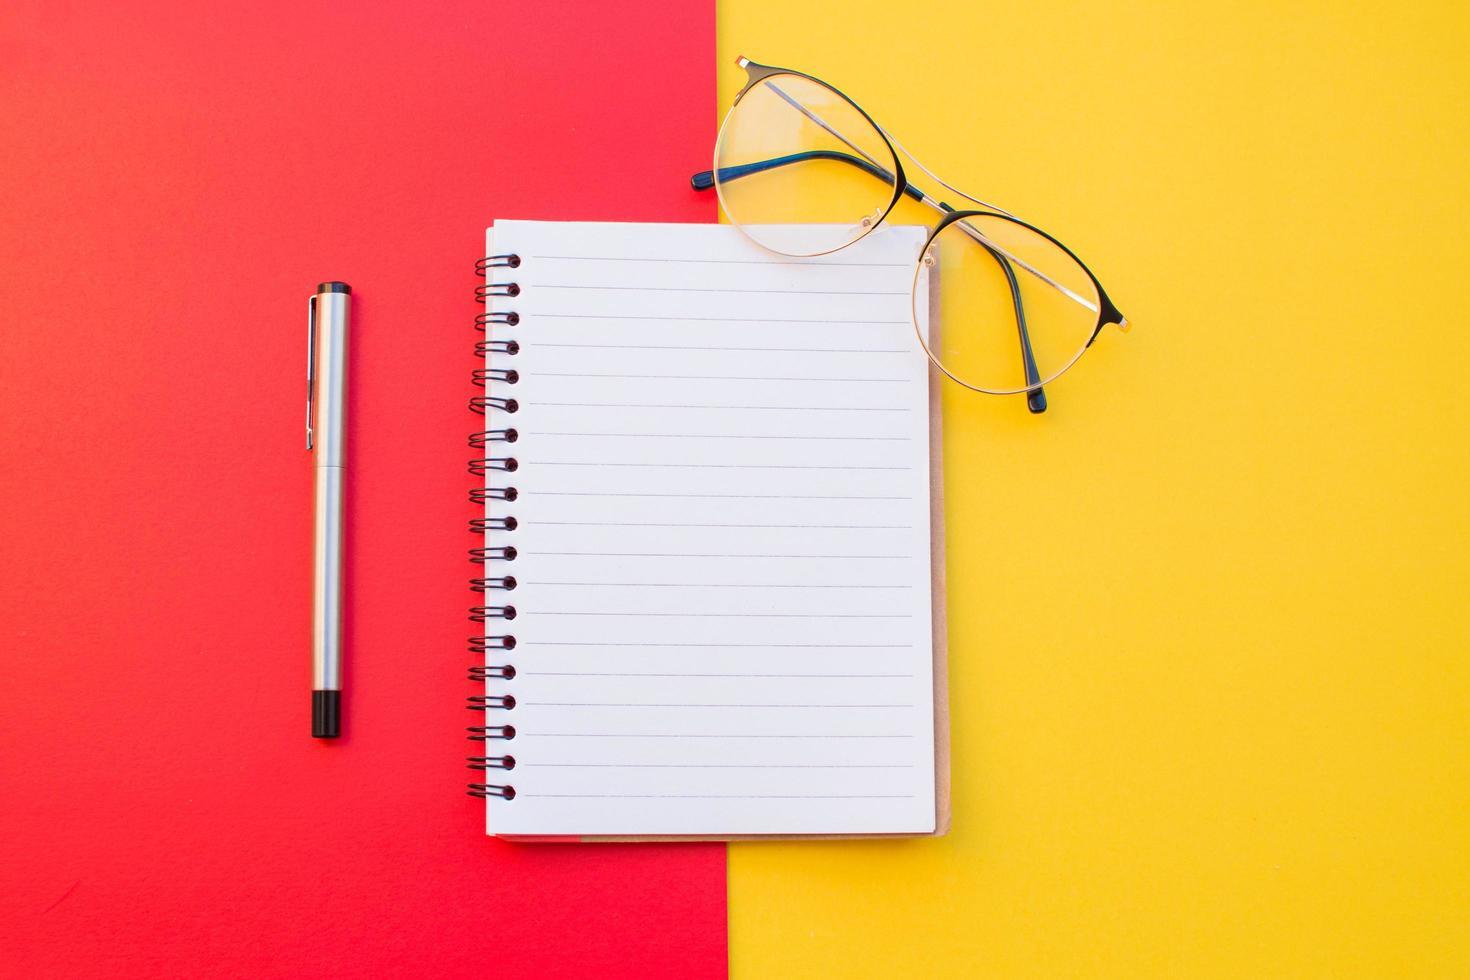 Notizbuch, Brille und Stift auf rotem und gelbem Hintergrund foto